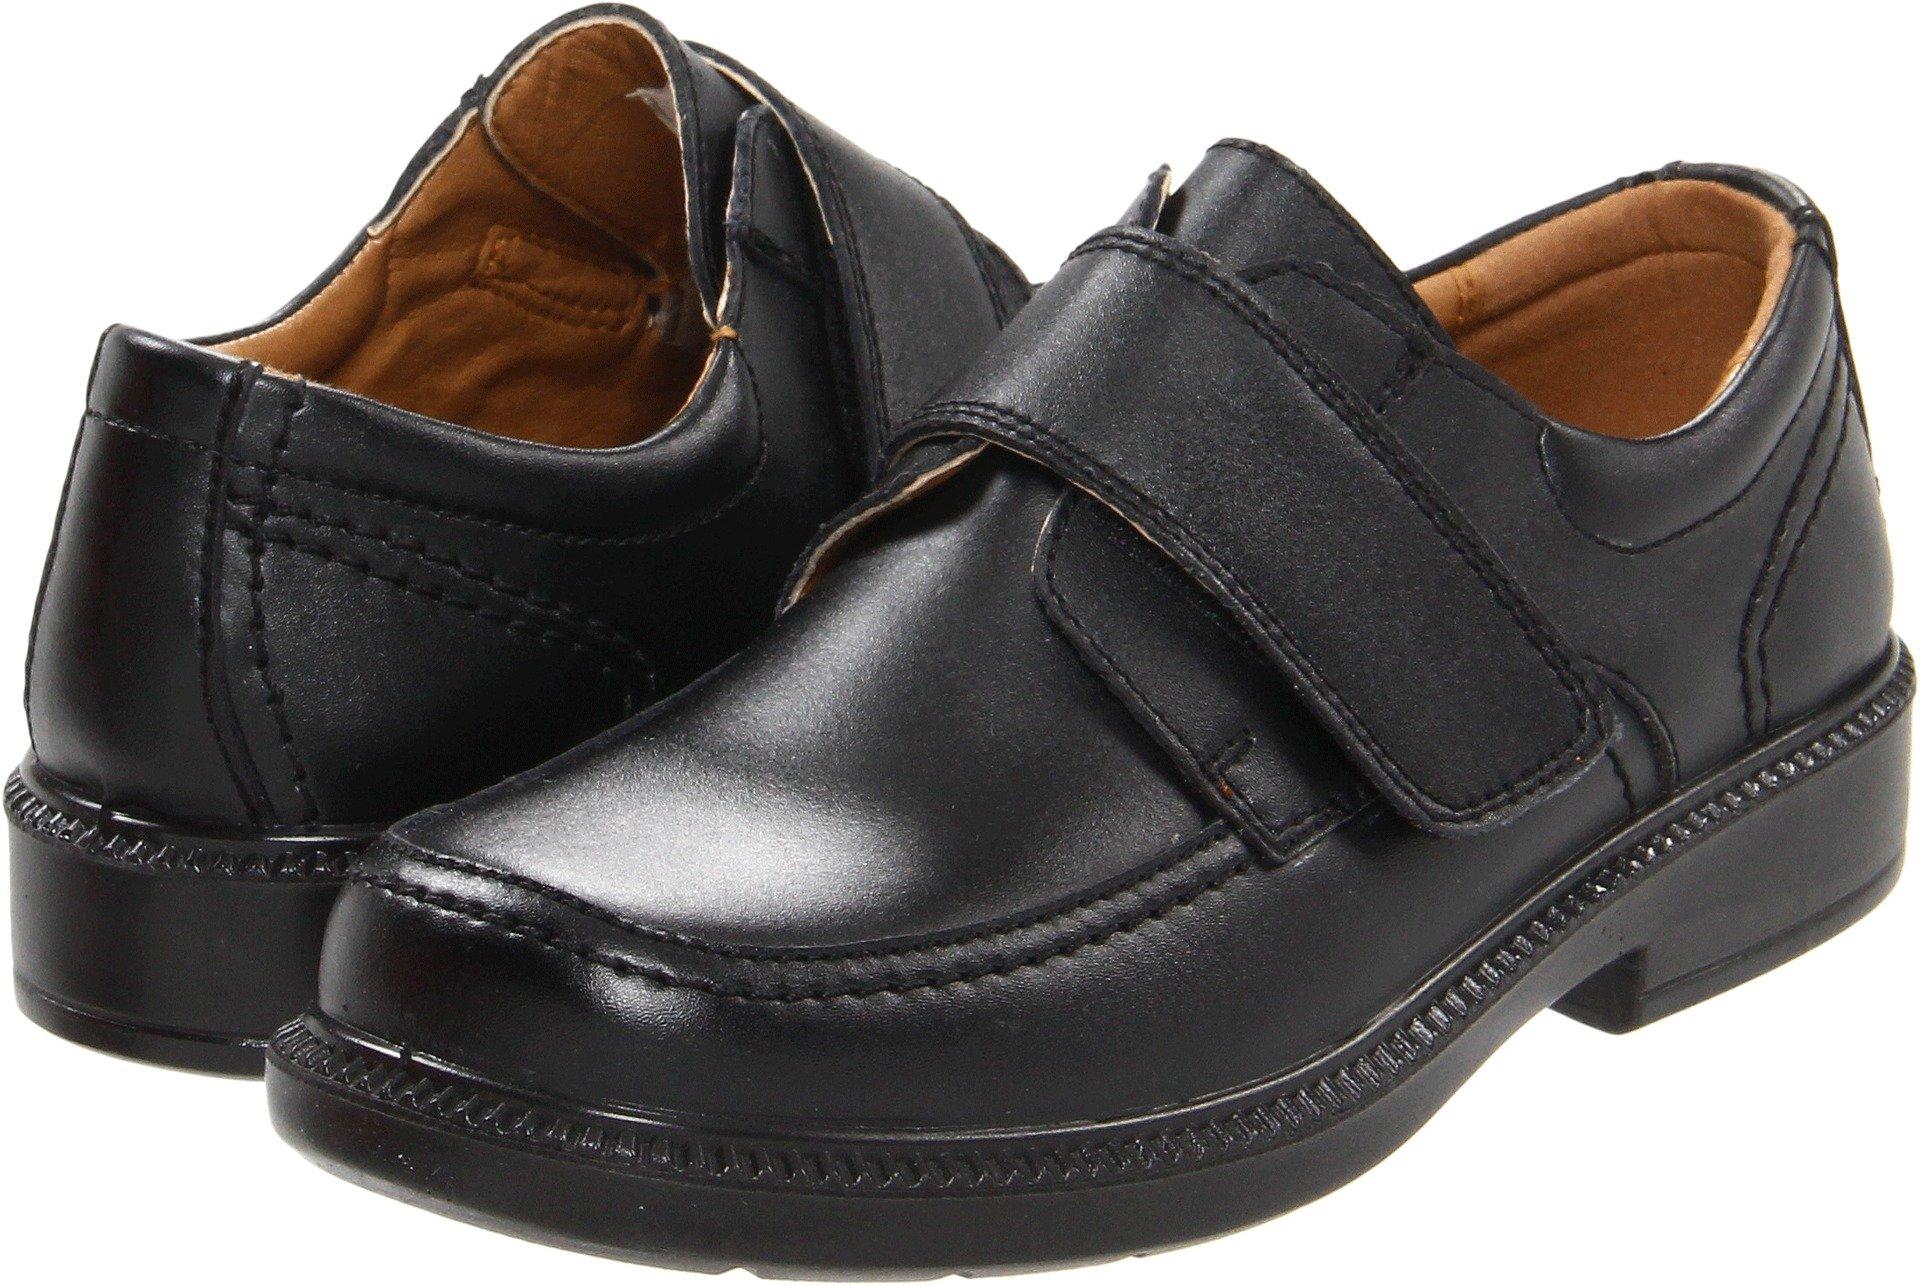 Florsheim Kids Berwyn JR Uniform Monk Strap Oxford (Little Kid/Big Kid), Black, 2 M US Little Kid